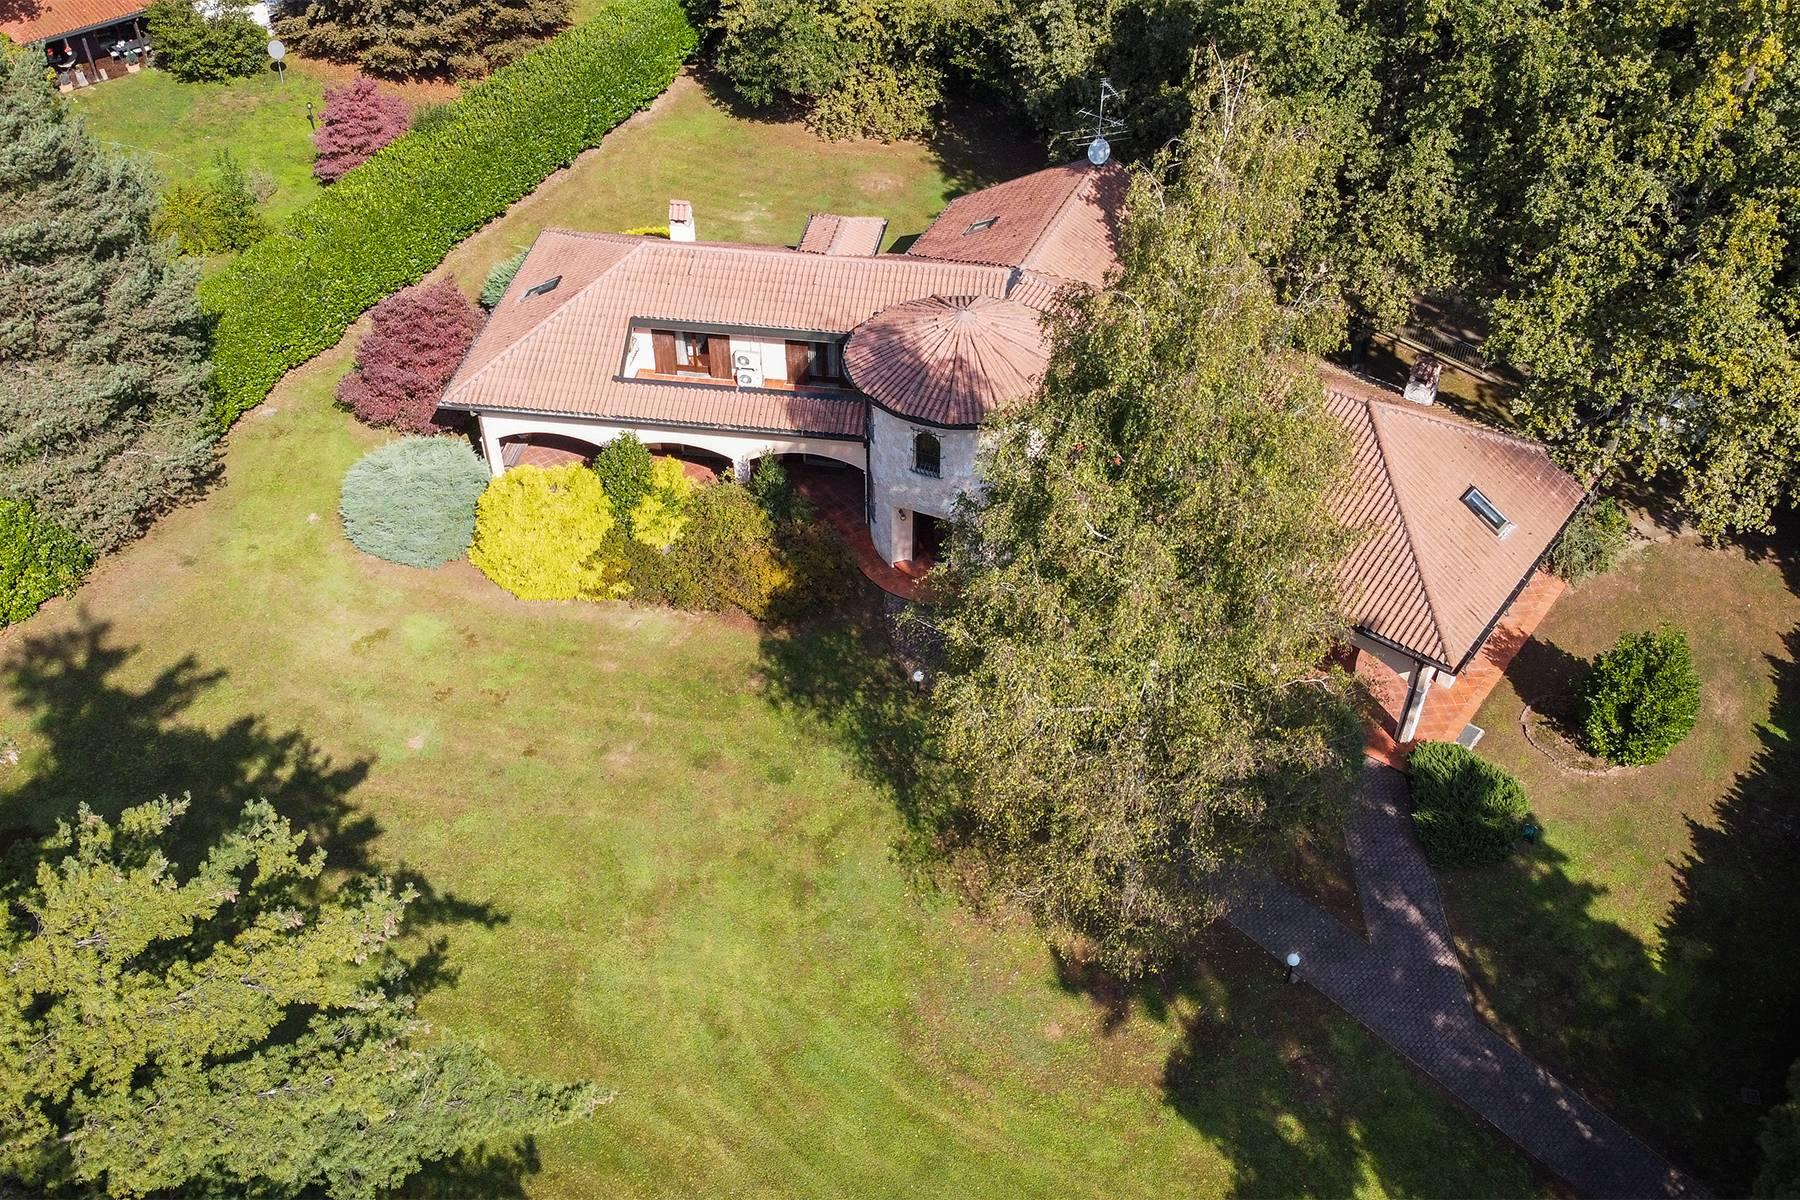 Villa in Vendita a Guanzate: 5 locali, 800 mq - Foto 3